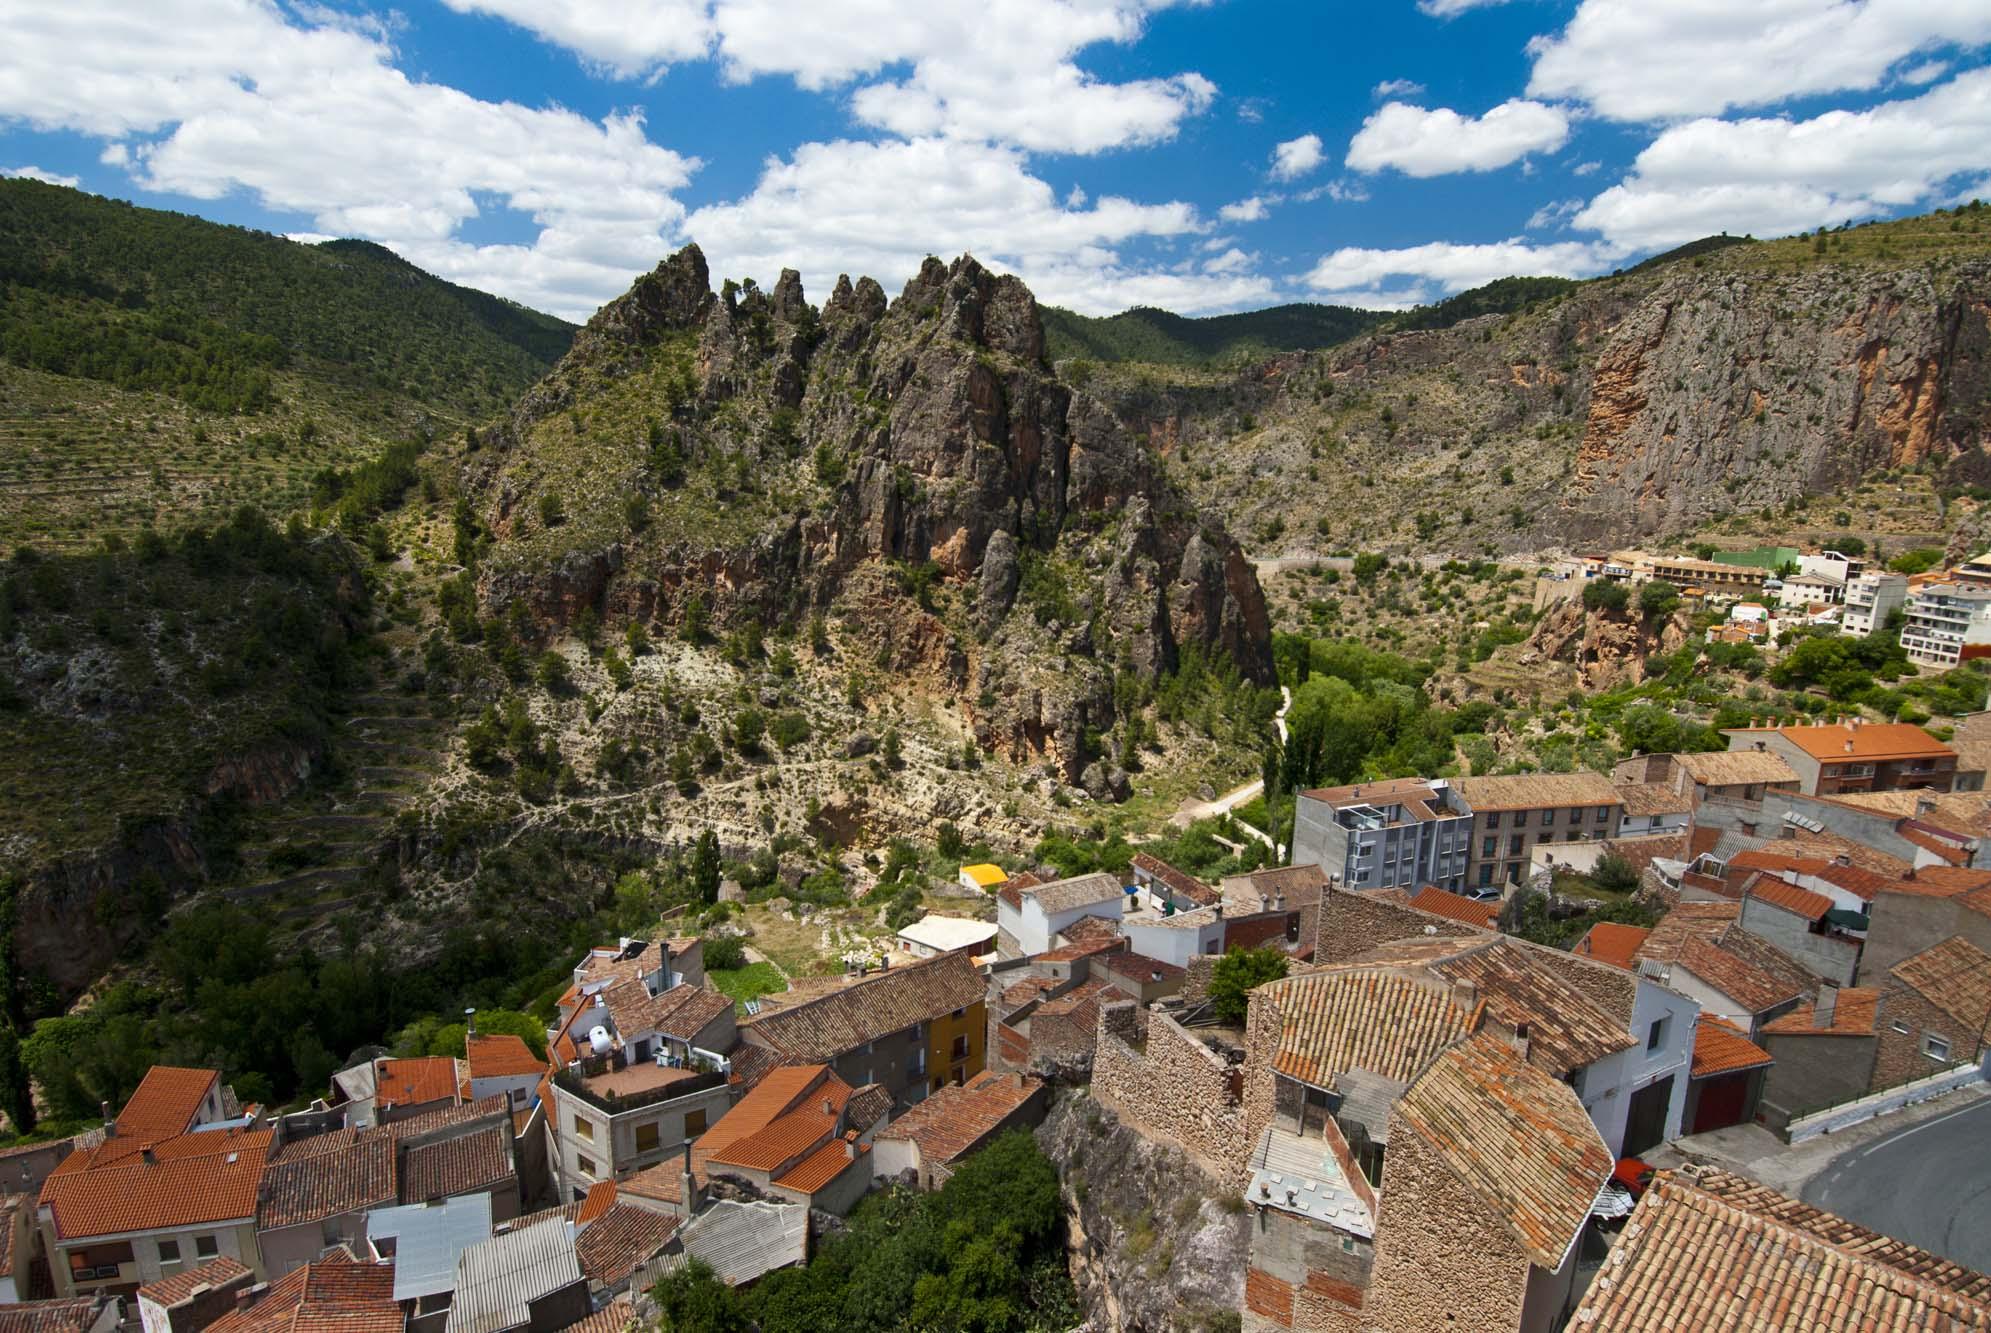 Vista de la localidad de Ayna. Foto: Shutterstock.